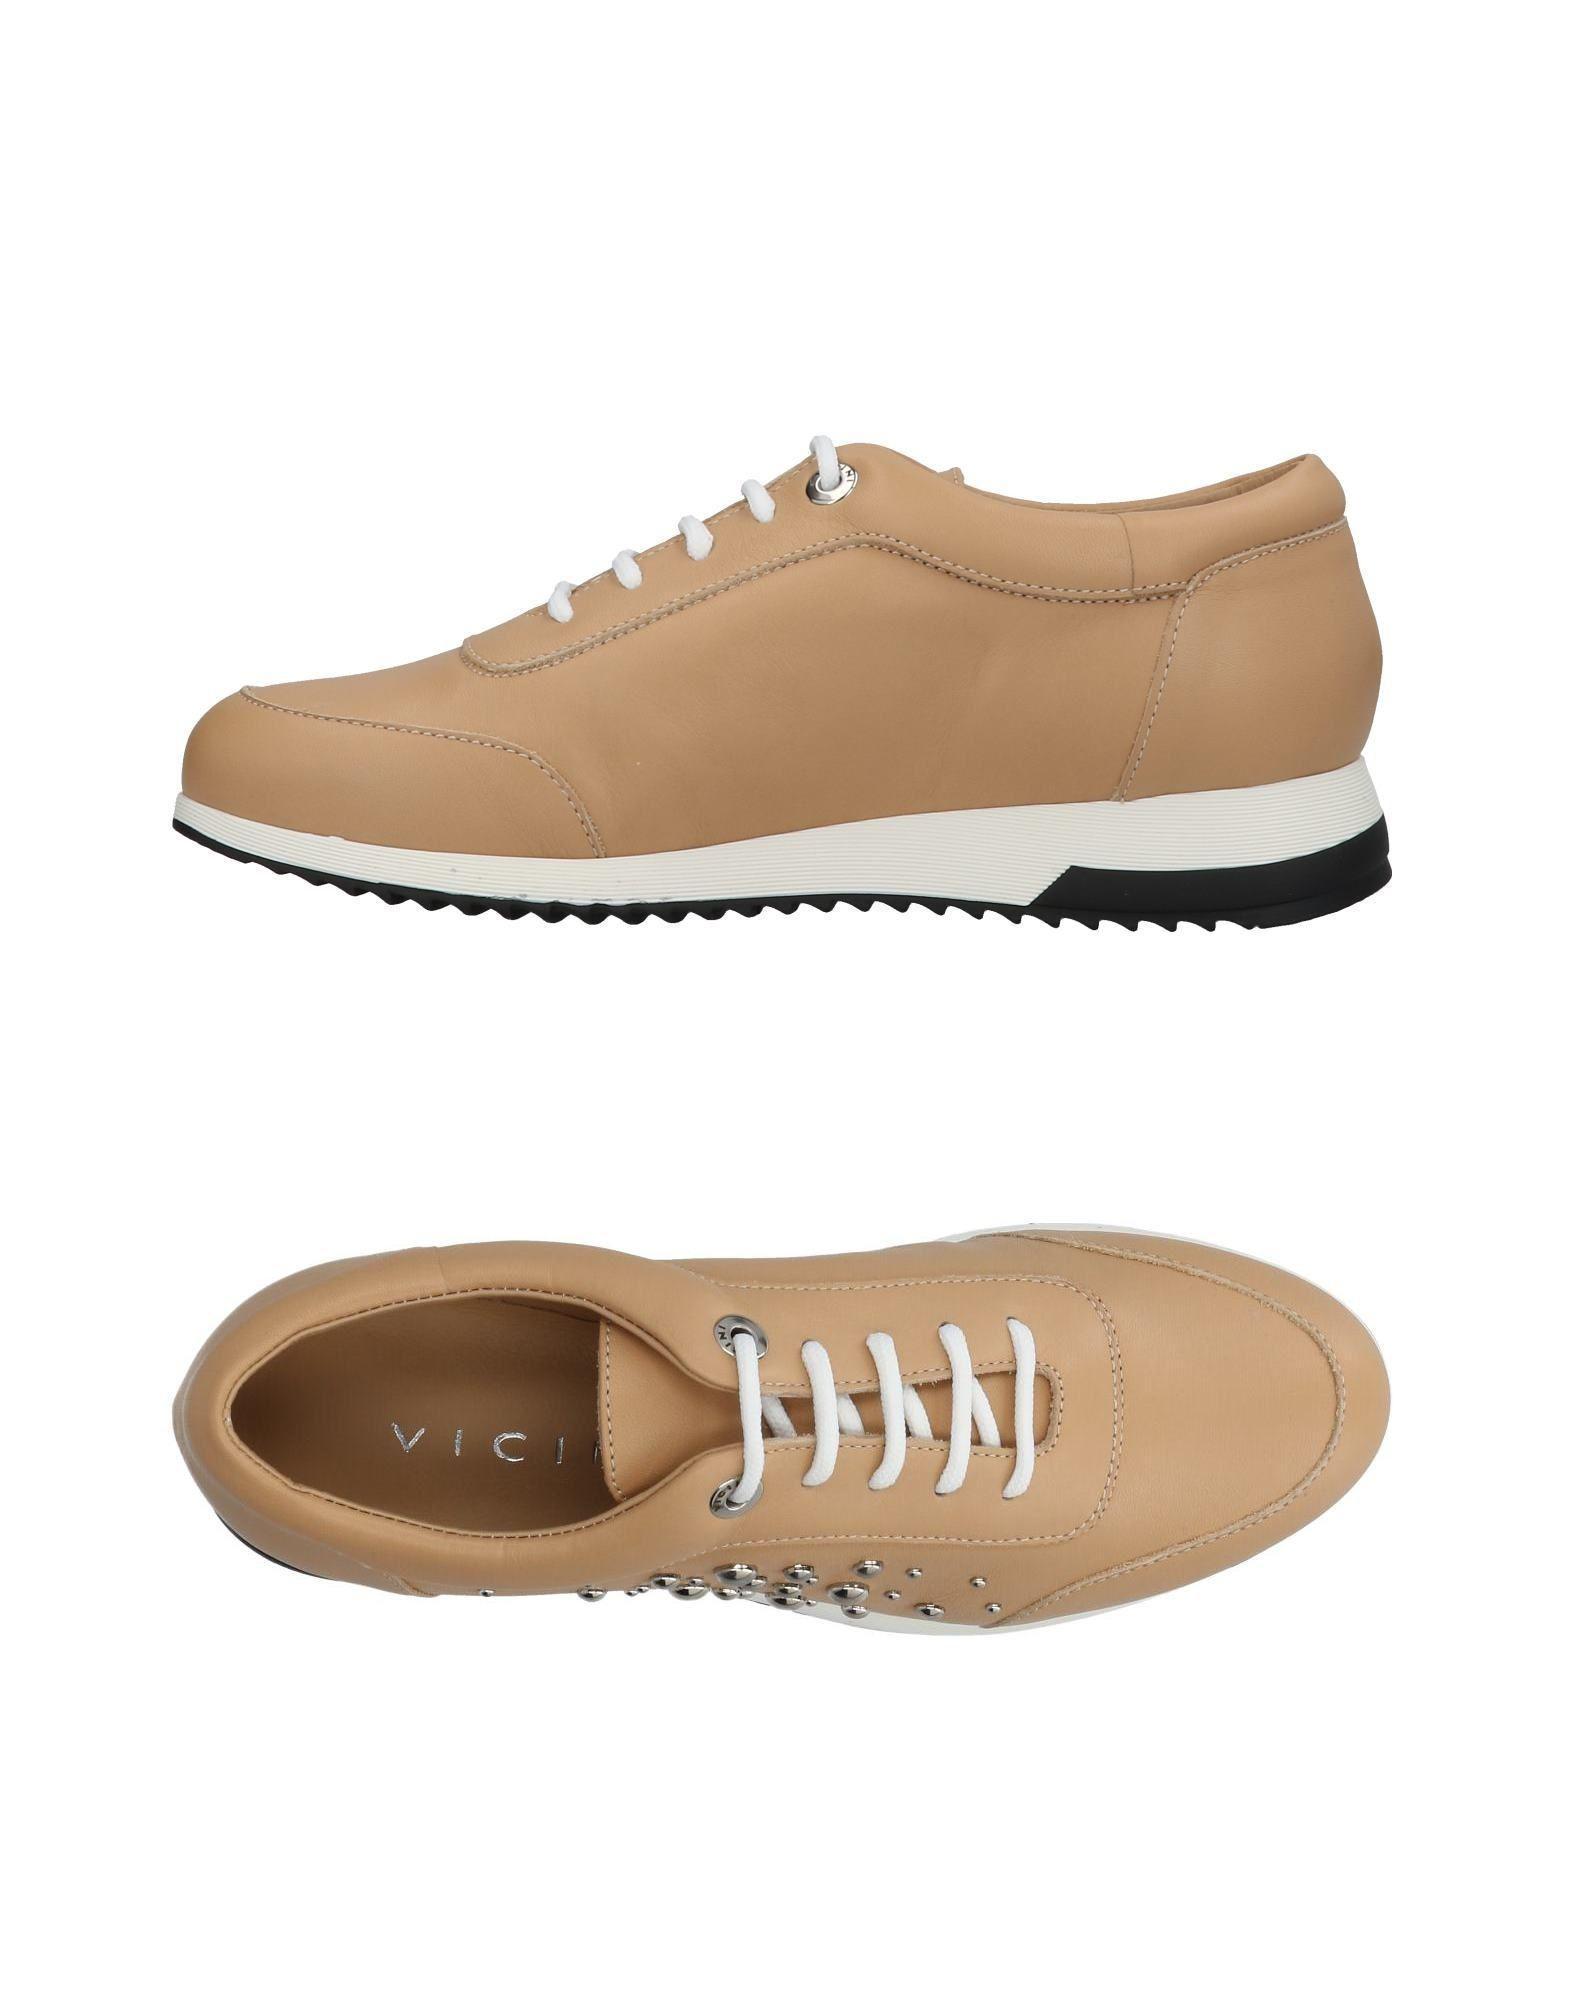 Vicini Bas-tops Et Chaussures De Sport PG5Gy6t